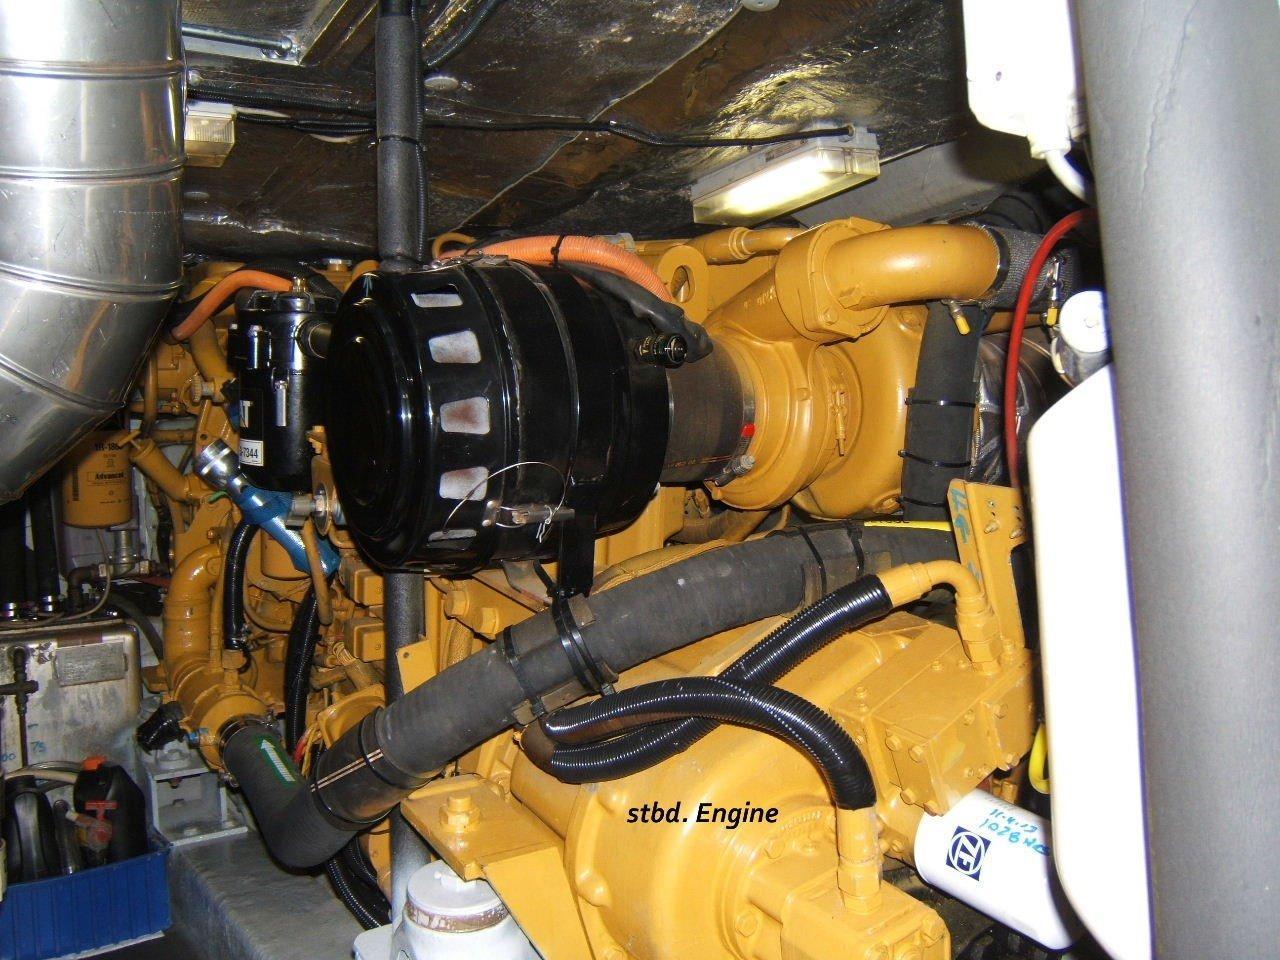 52 Cruisair Marine Ac Wiring Diagram Inquire